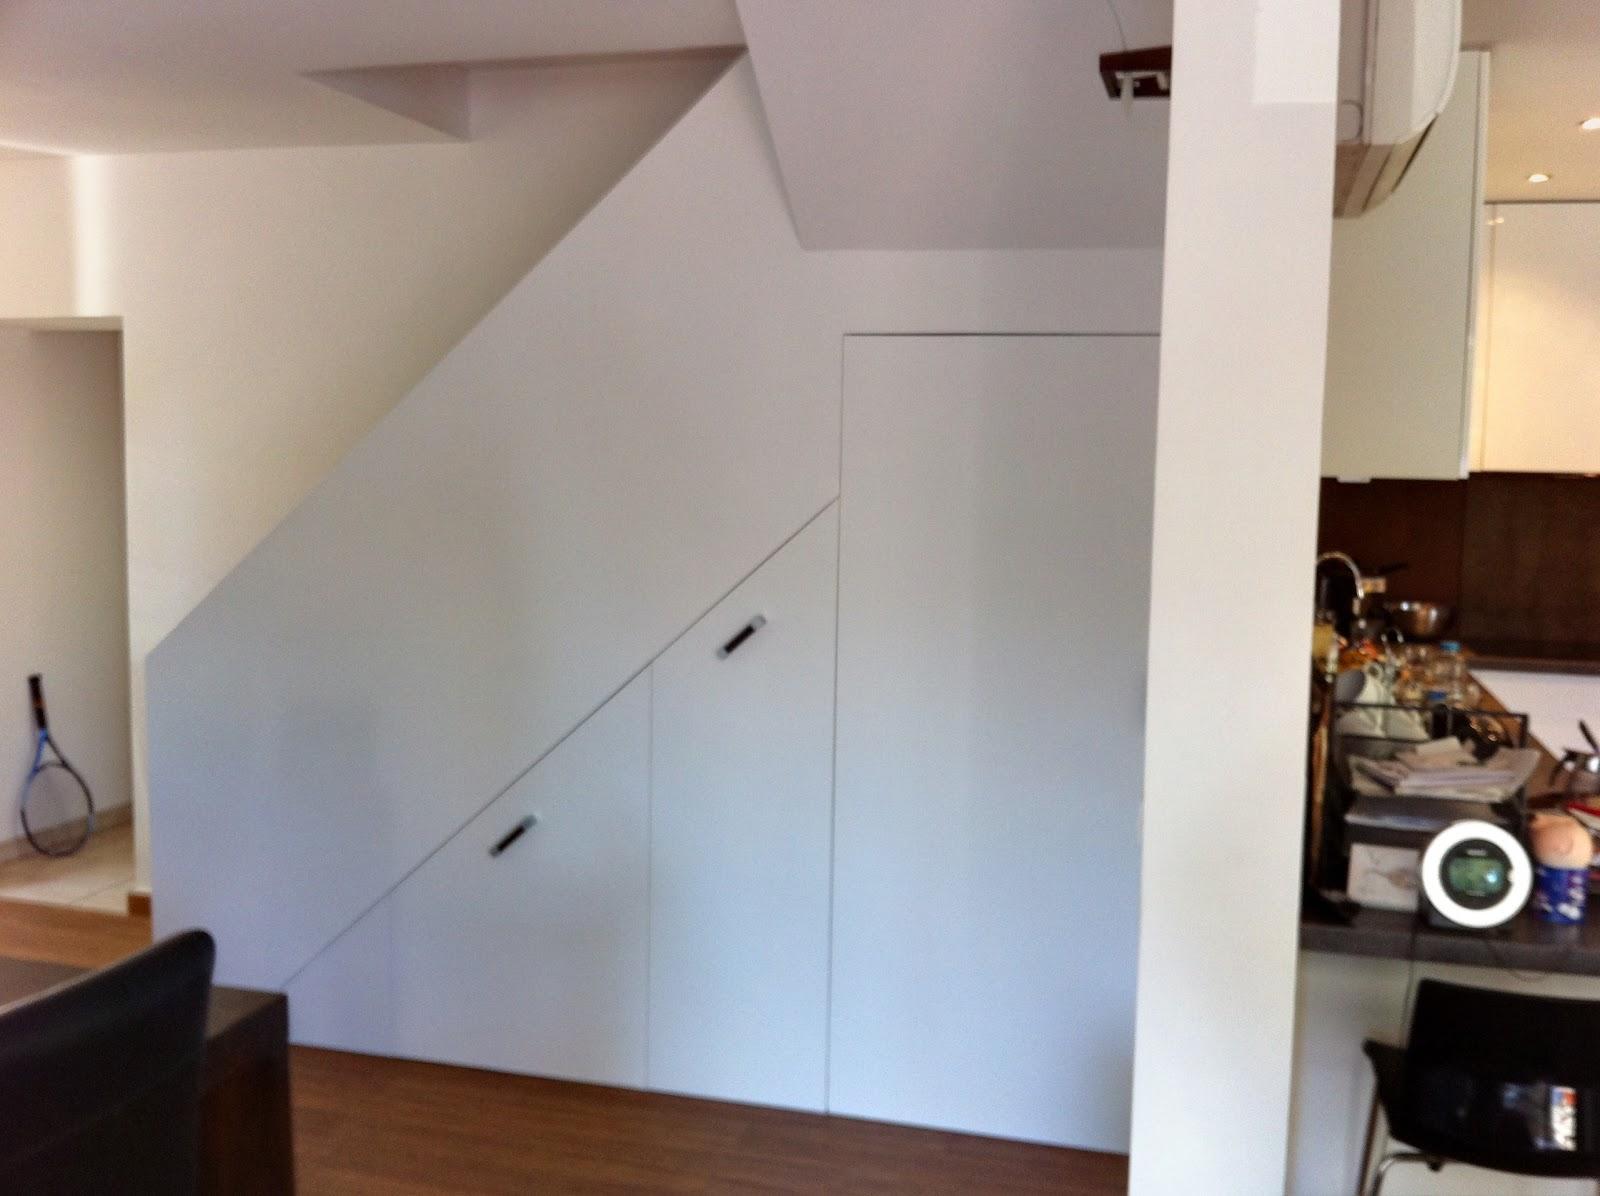 Lhommeatoutfaire r novation int rieure agencement - Habillage sous escalier ...